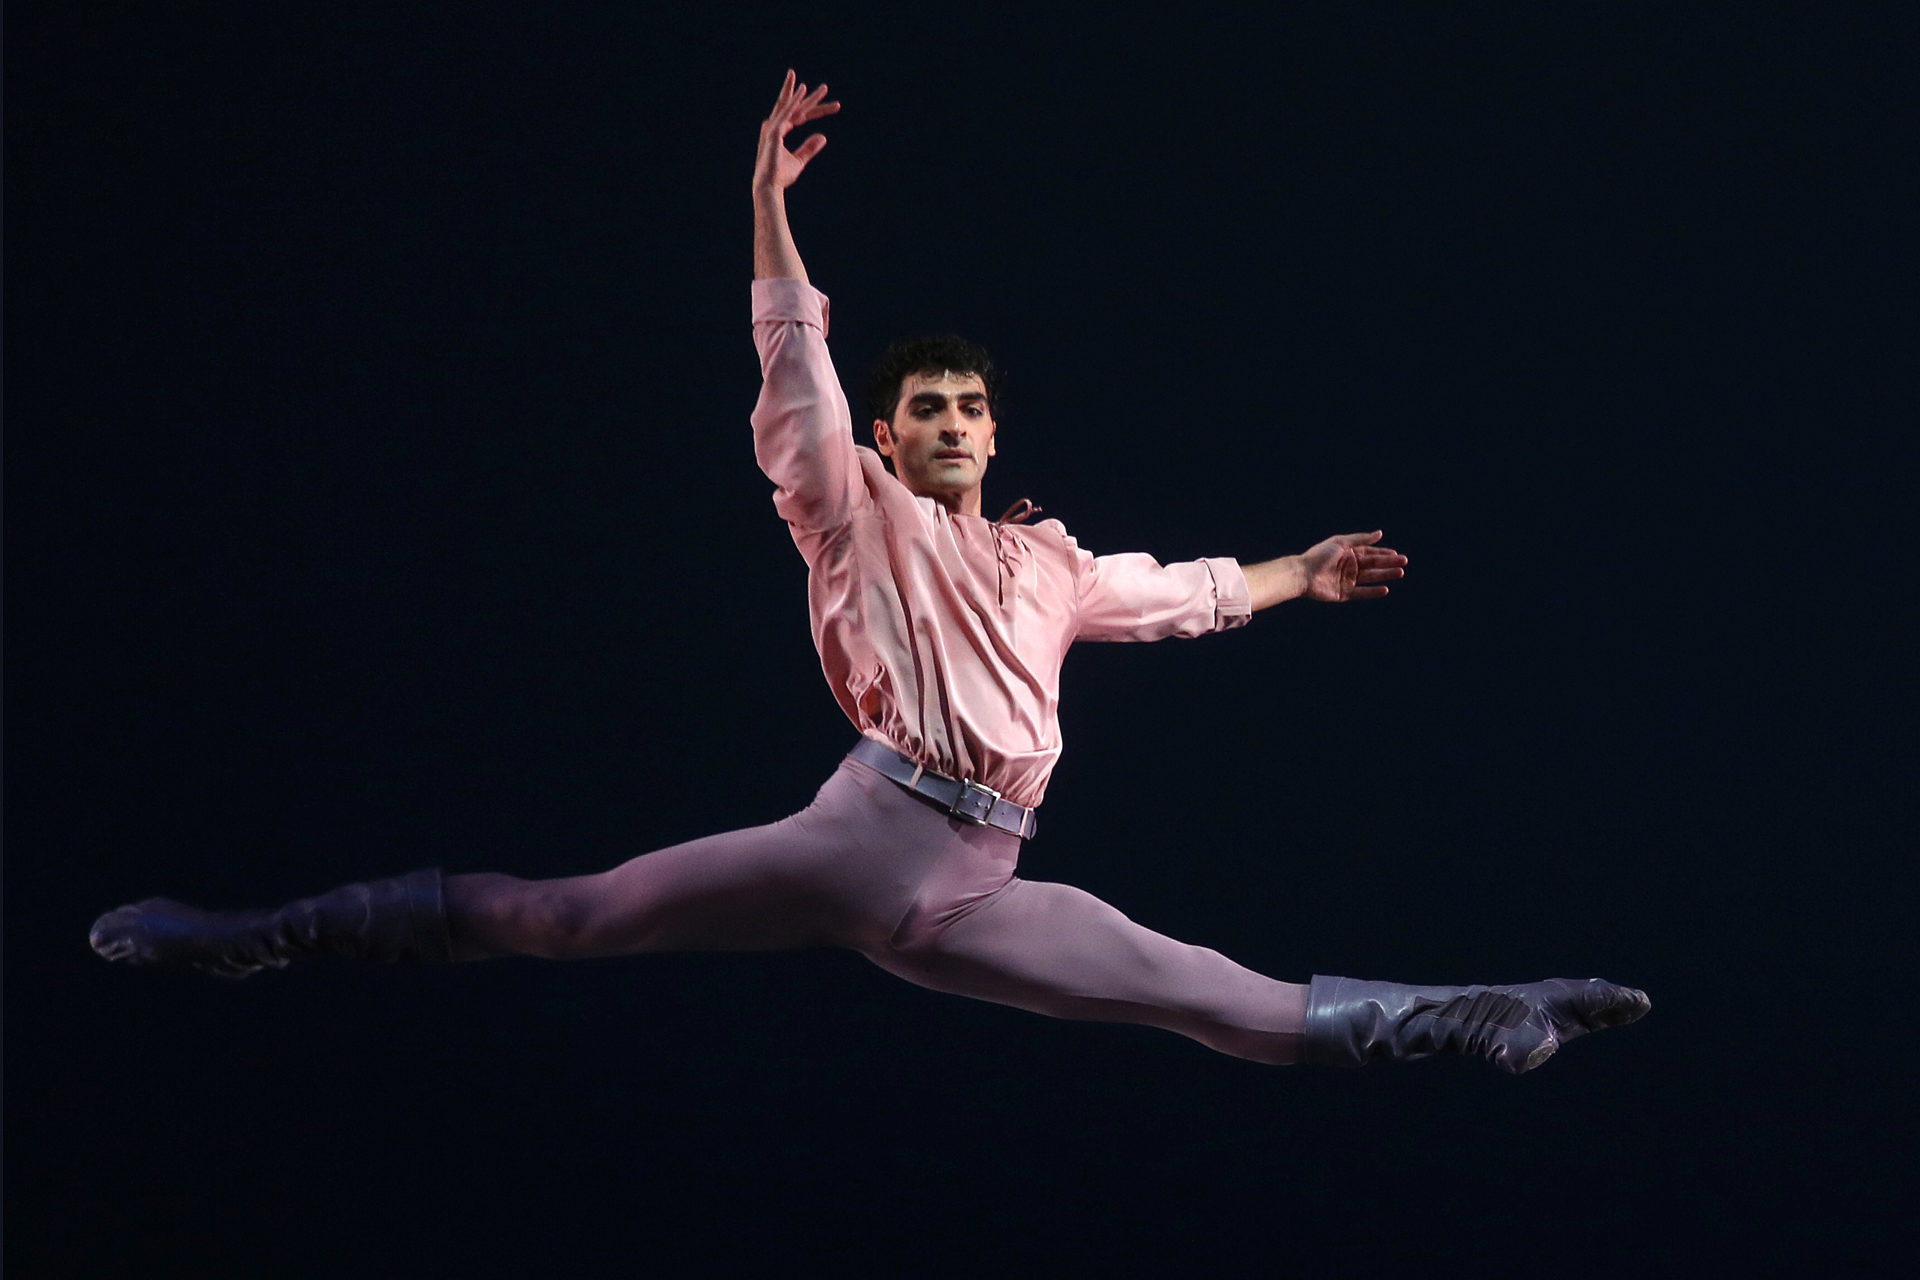 Chopin_Dances_HH_Ballett_Foto_AnjaBeutler.de_259